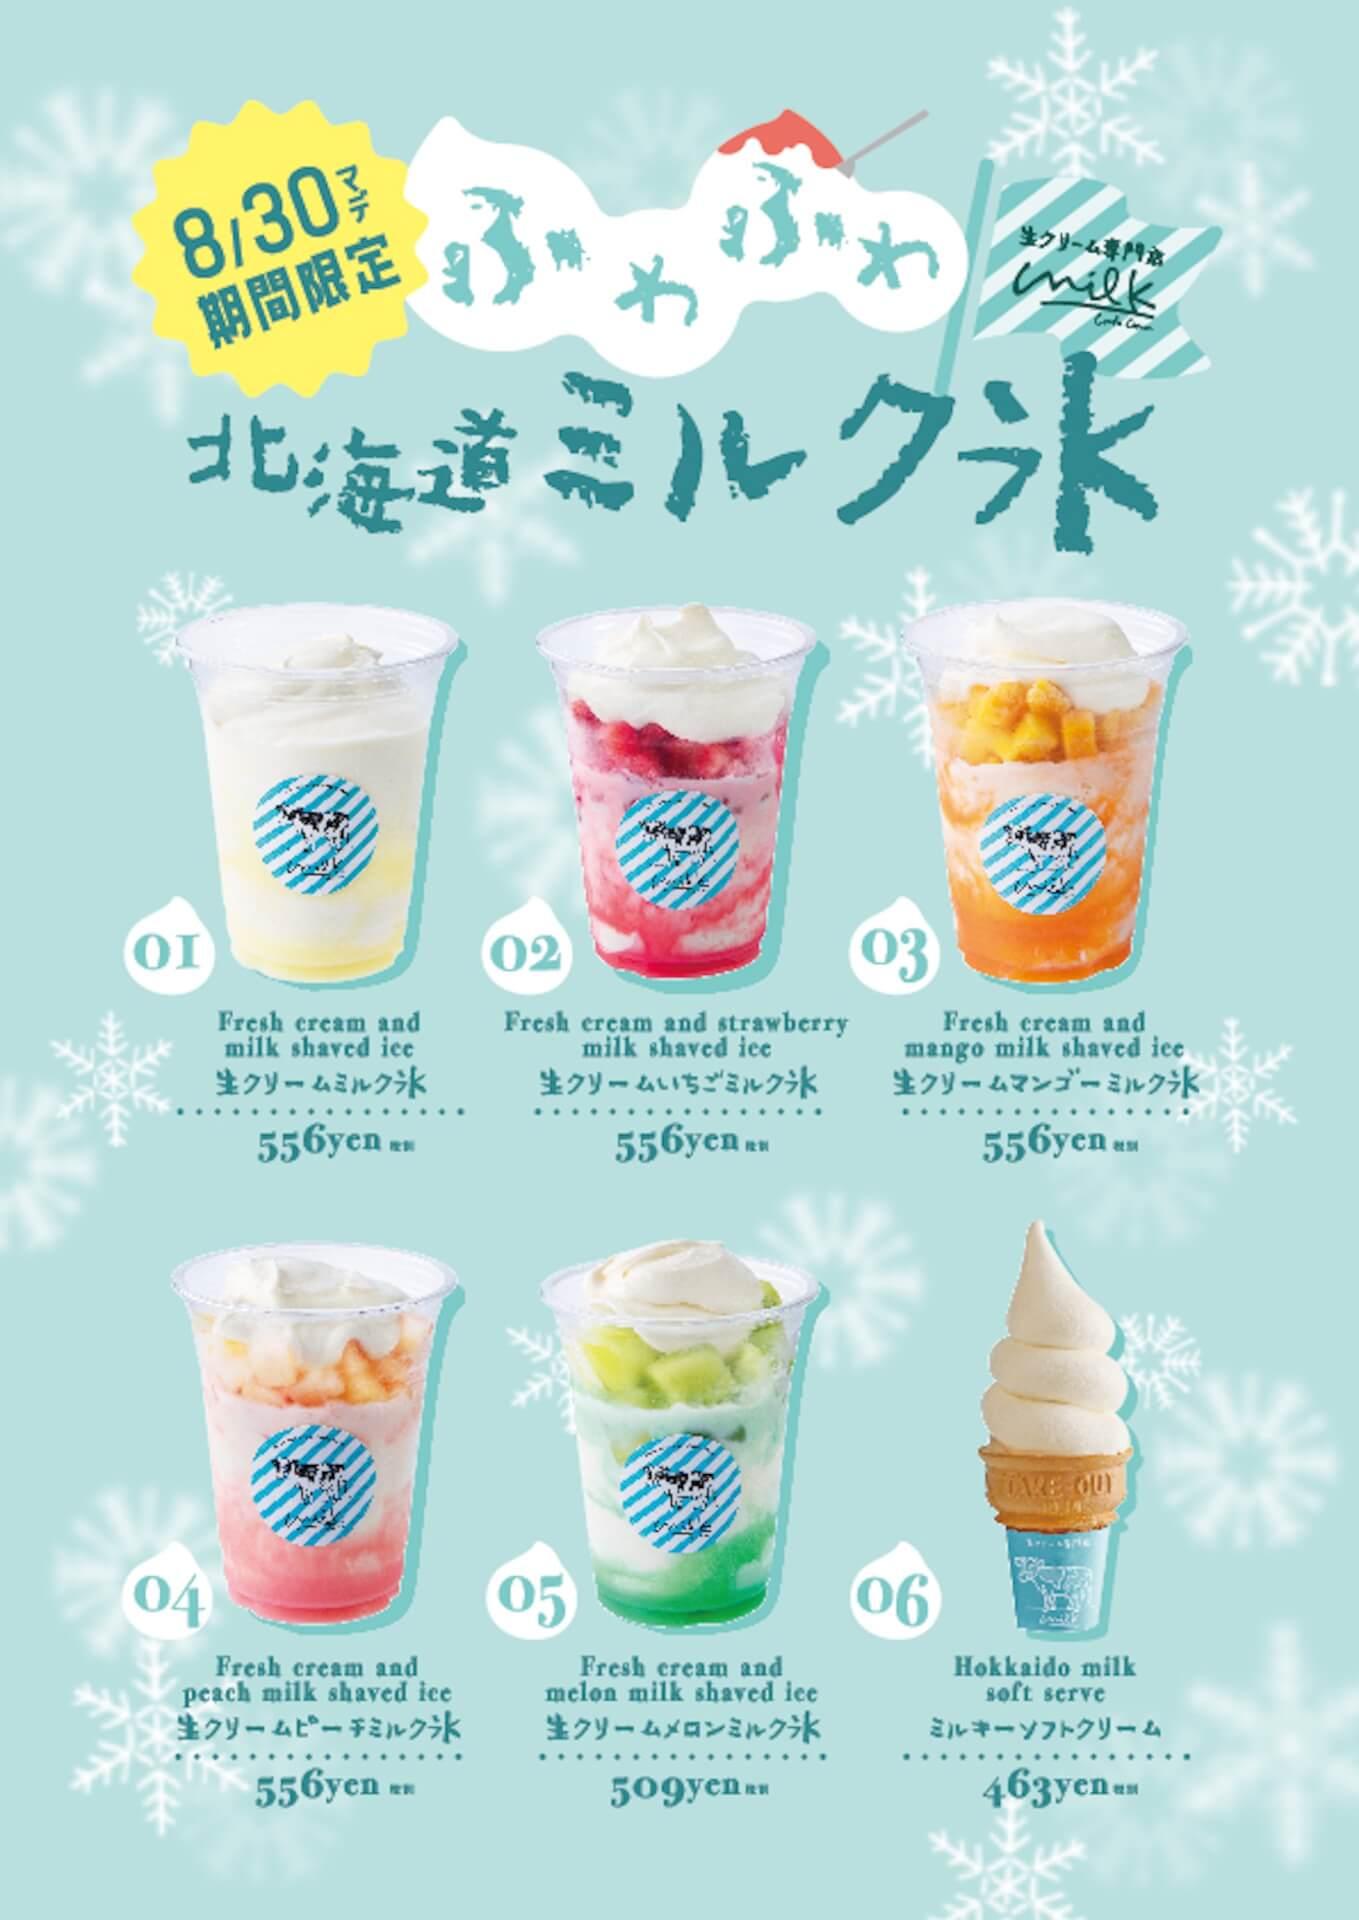 渋谷ミルクがかき氷屋さんに!ふわふわのいちごやマンゴーなどの果物のかき氷が食べ歩きサイズ・夏季限定で新登場 gourmet200709_milk_kakigori_08